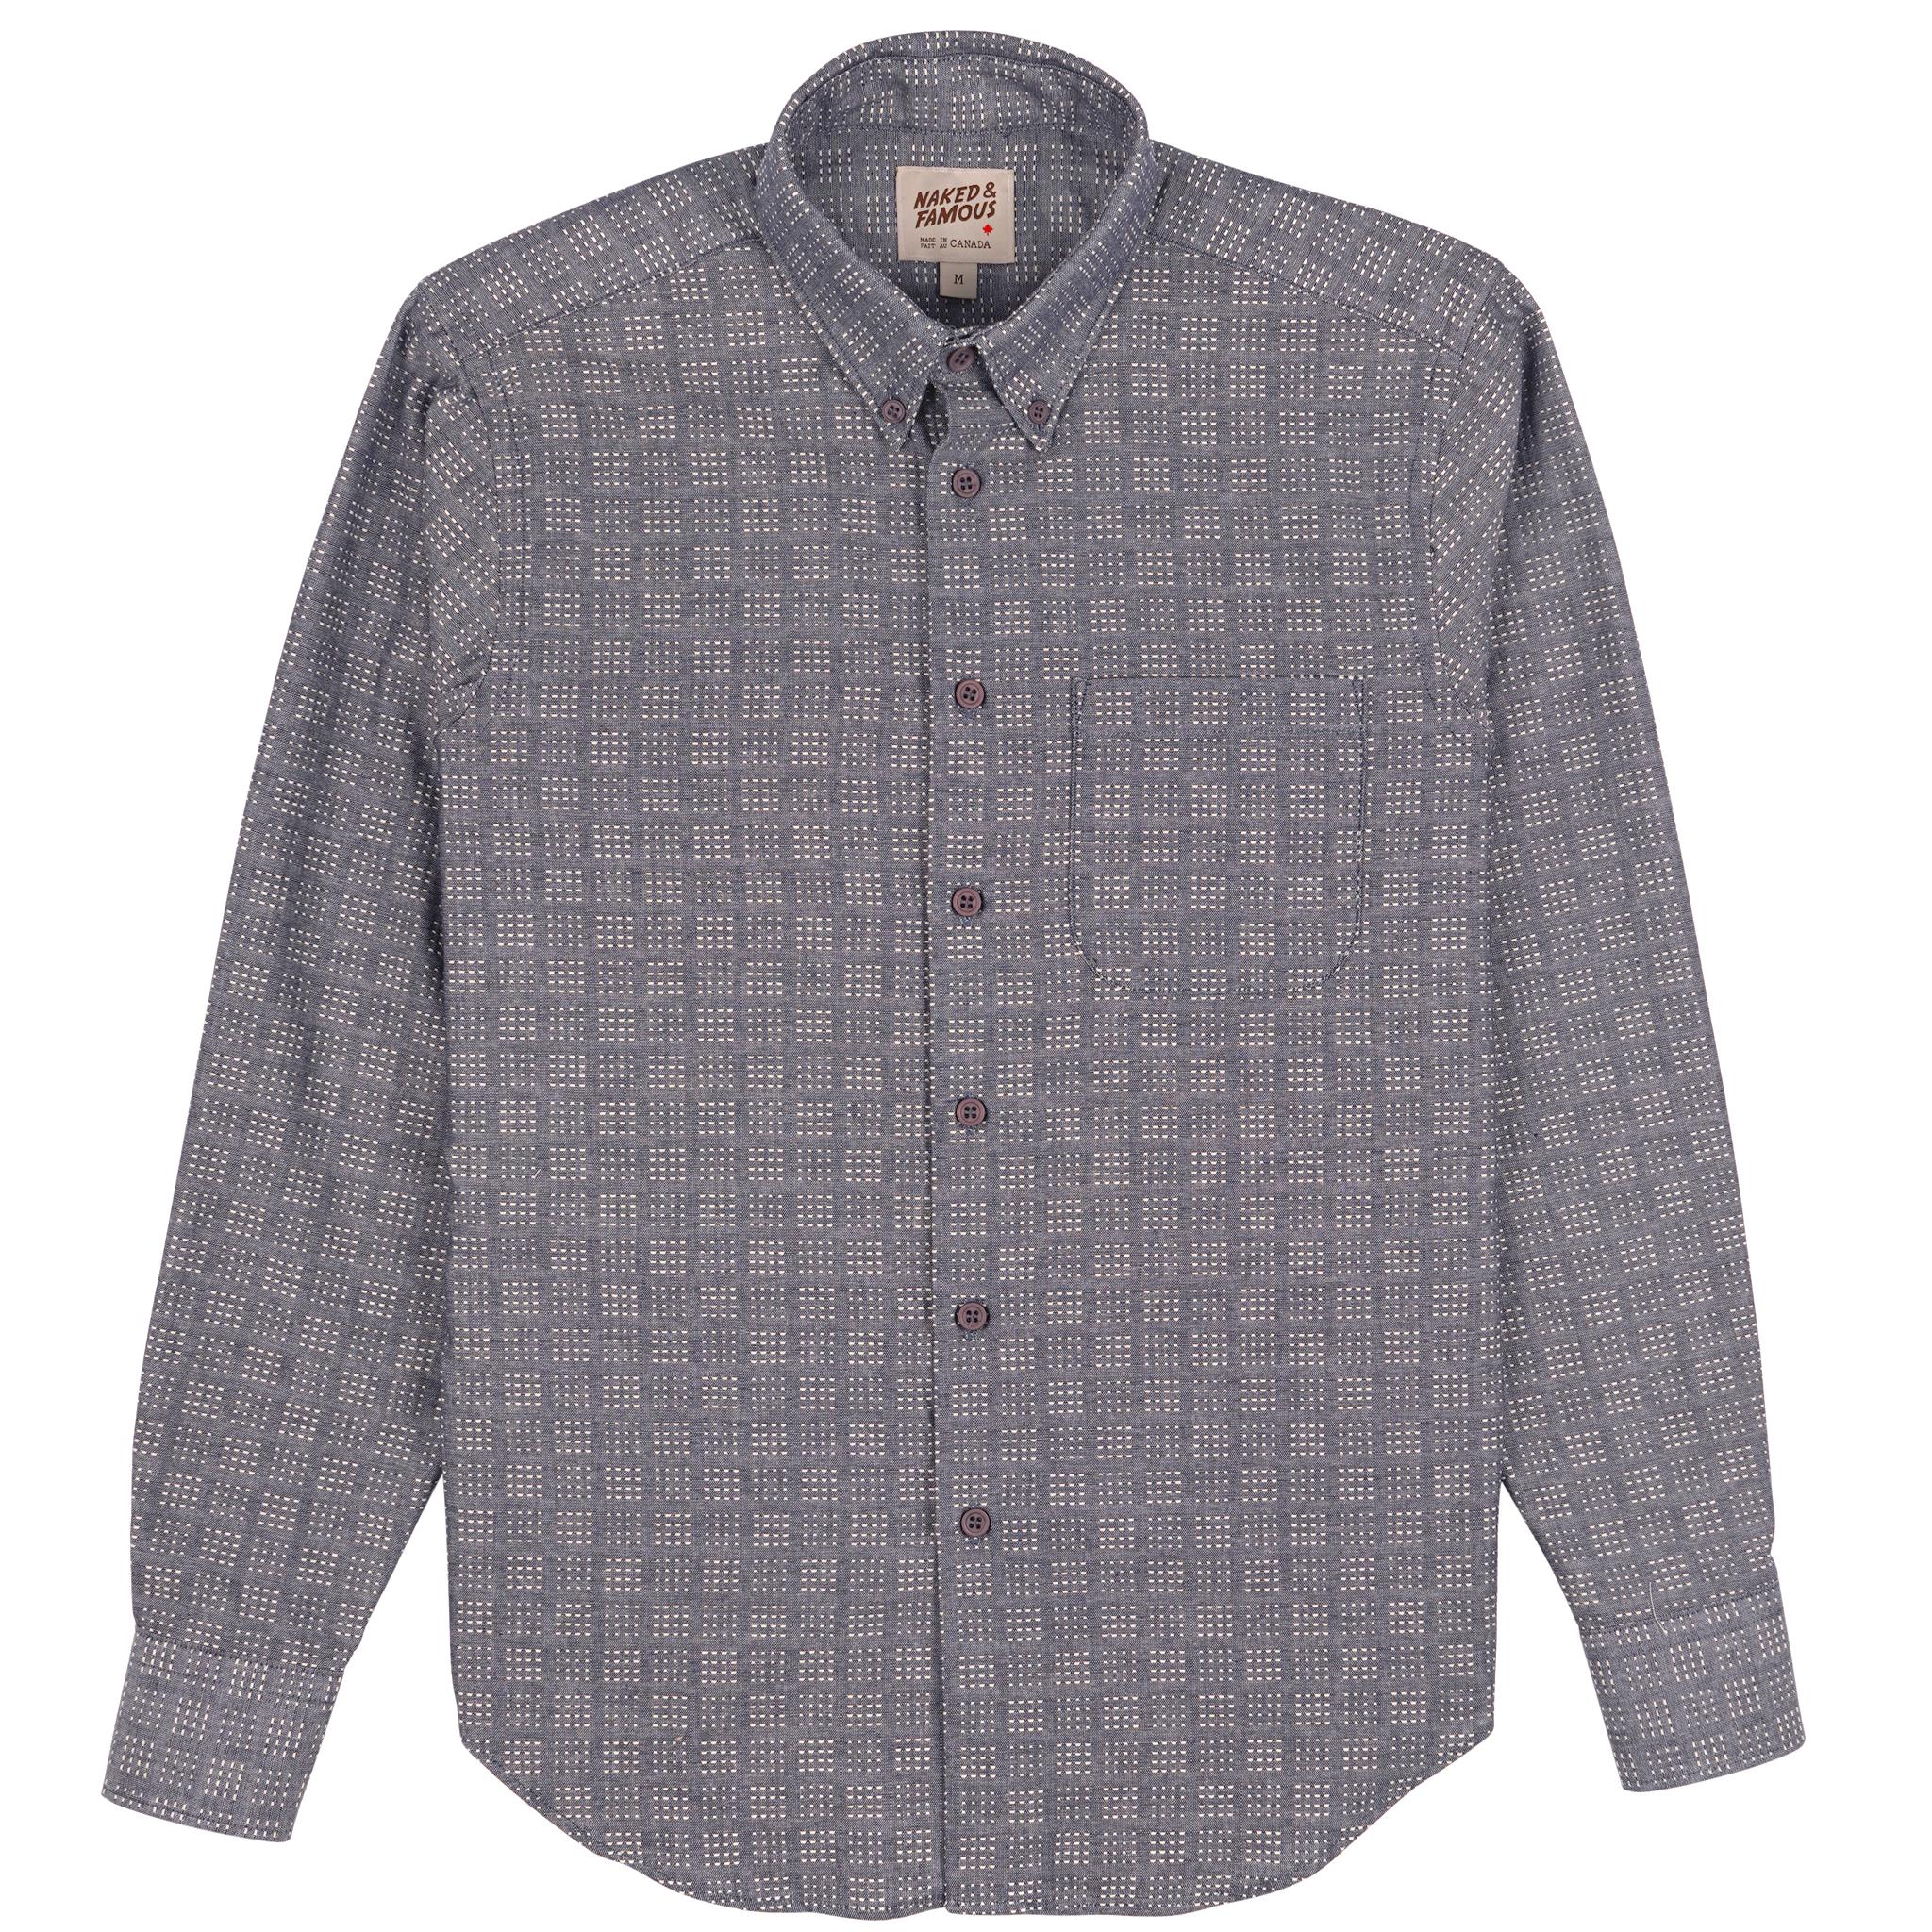 Sashiko Dobby - Chambray - Easy Shirt